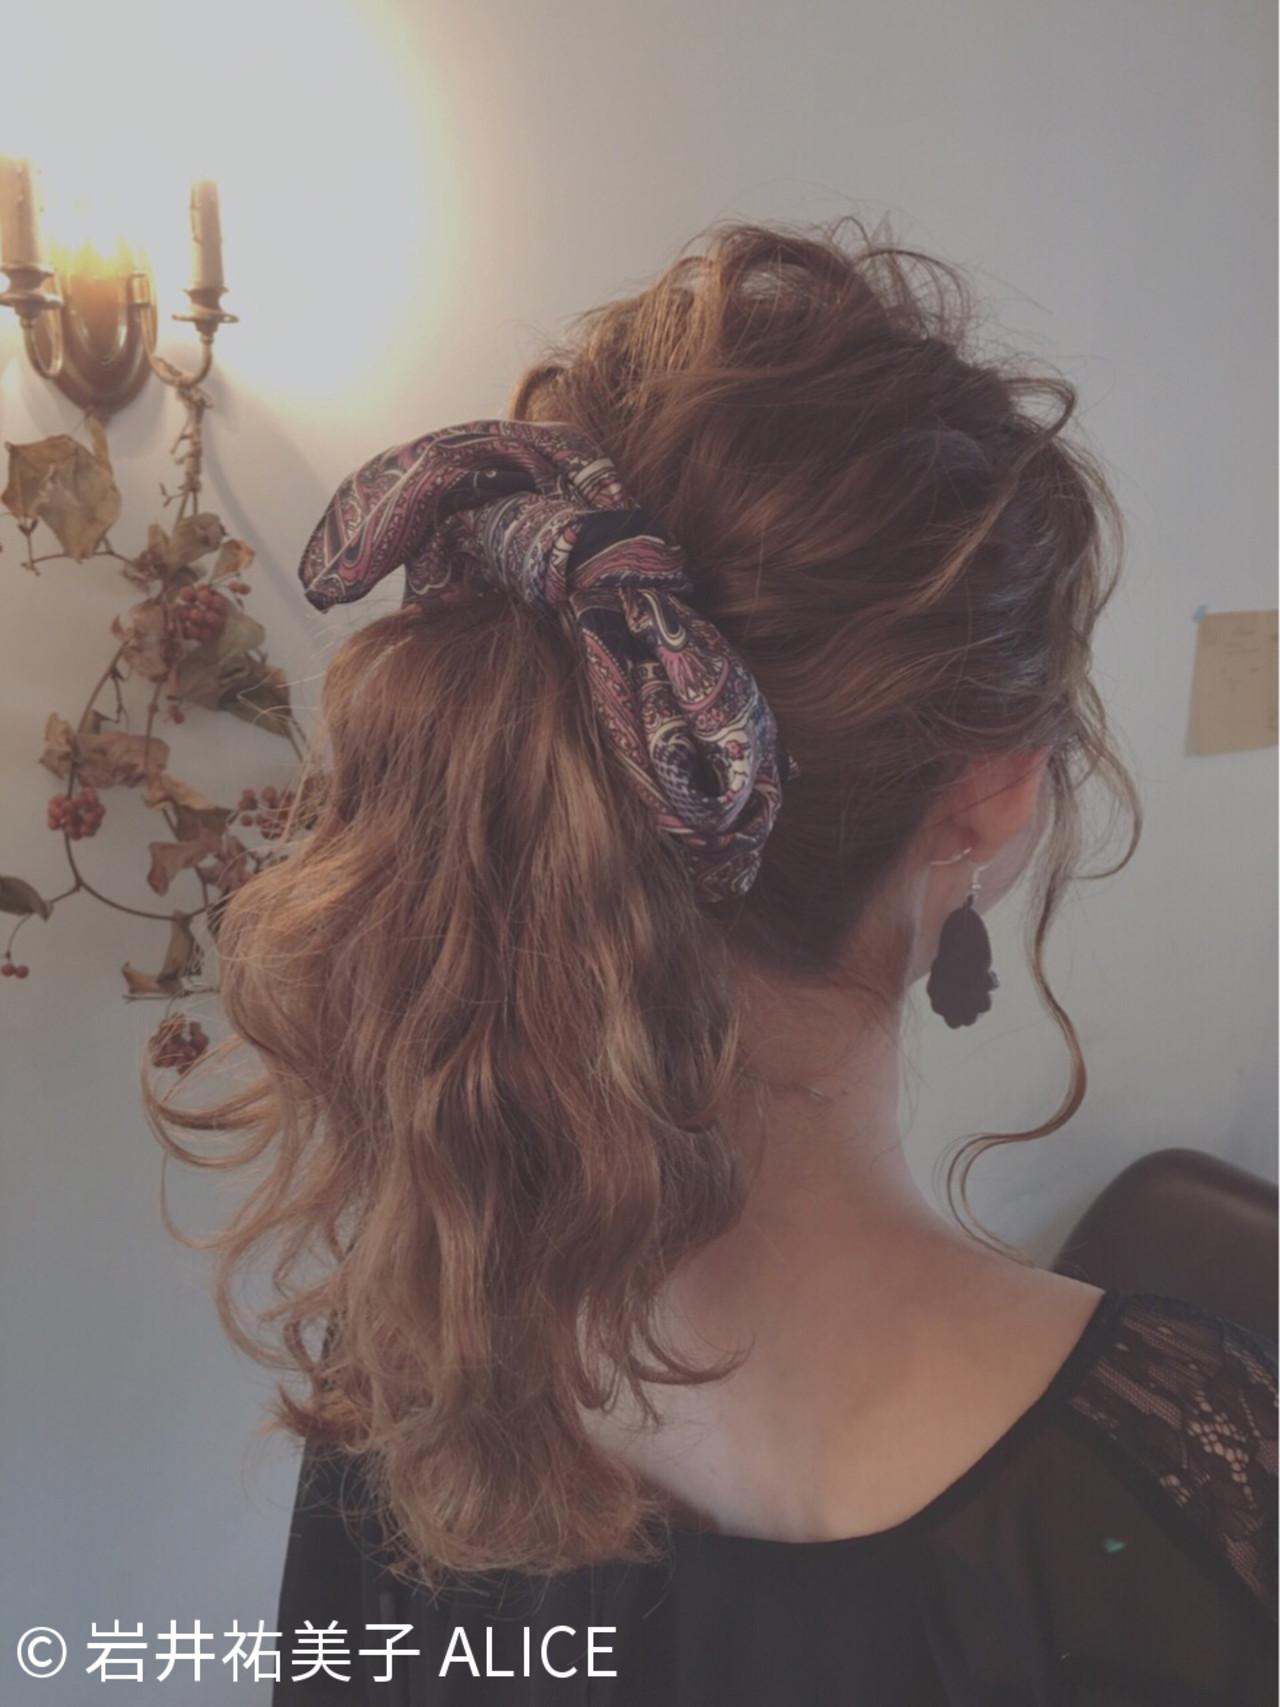 ポニーテール×スカーフで作る簡単可愛いヘアスタイル♡ 岩井祐美子 ALICE